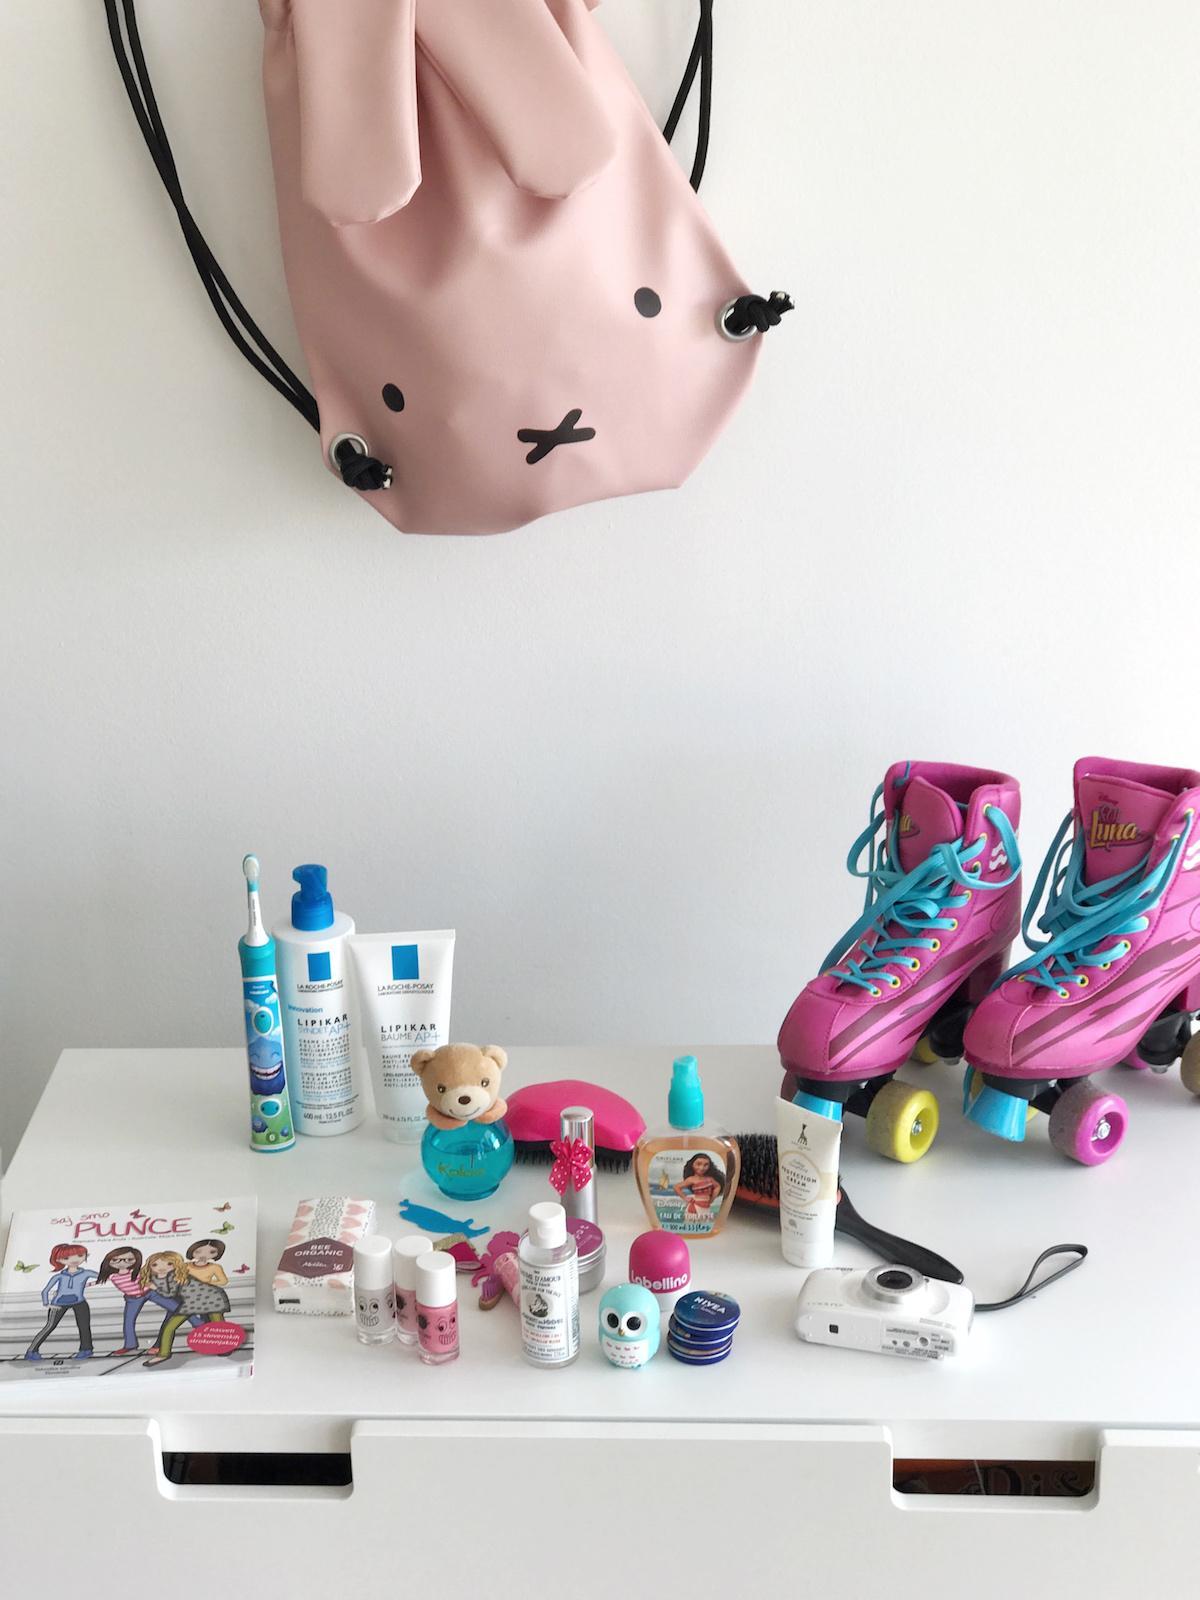 kozmetika kreme otroci najstniki beautyfullblog nega